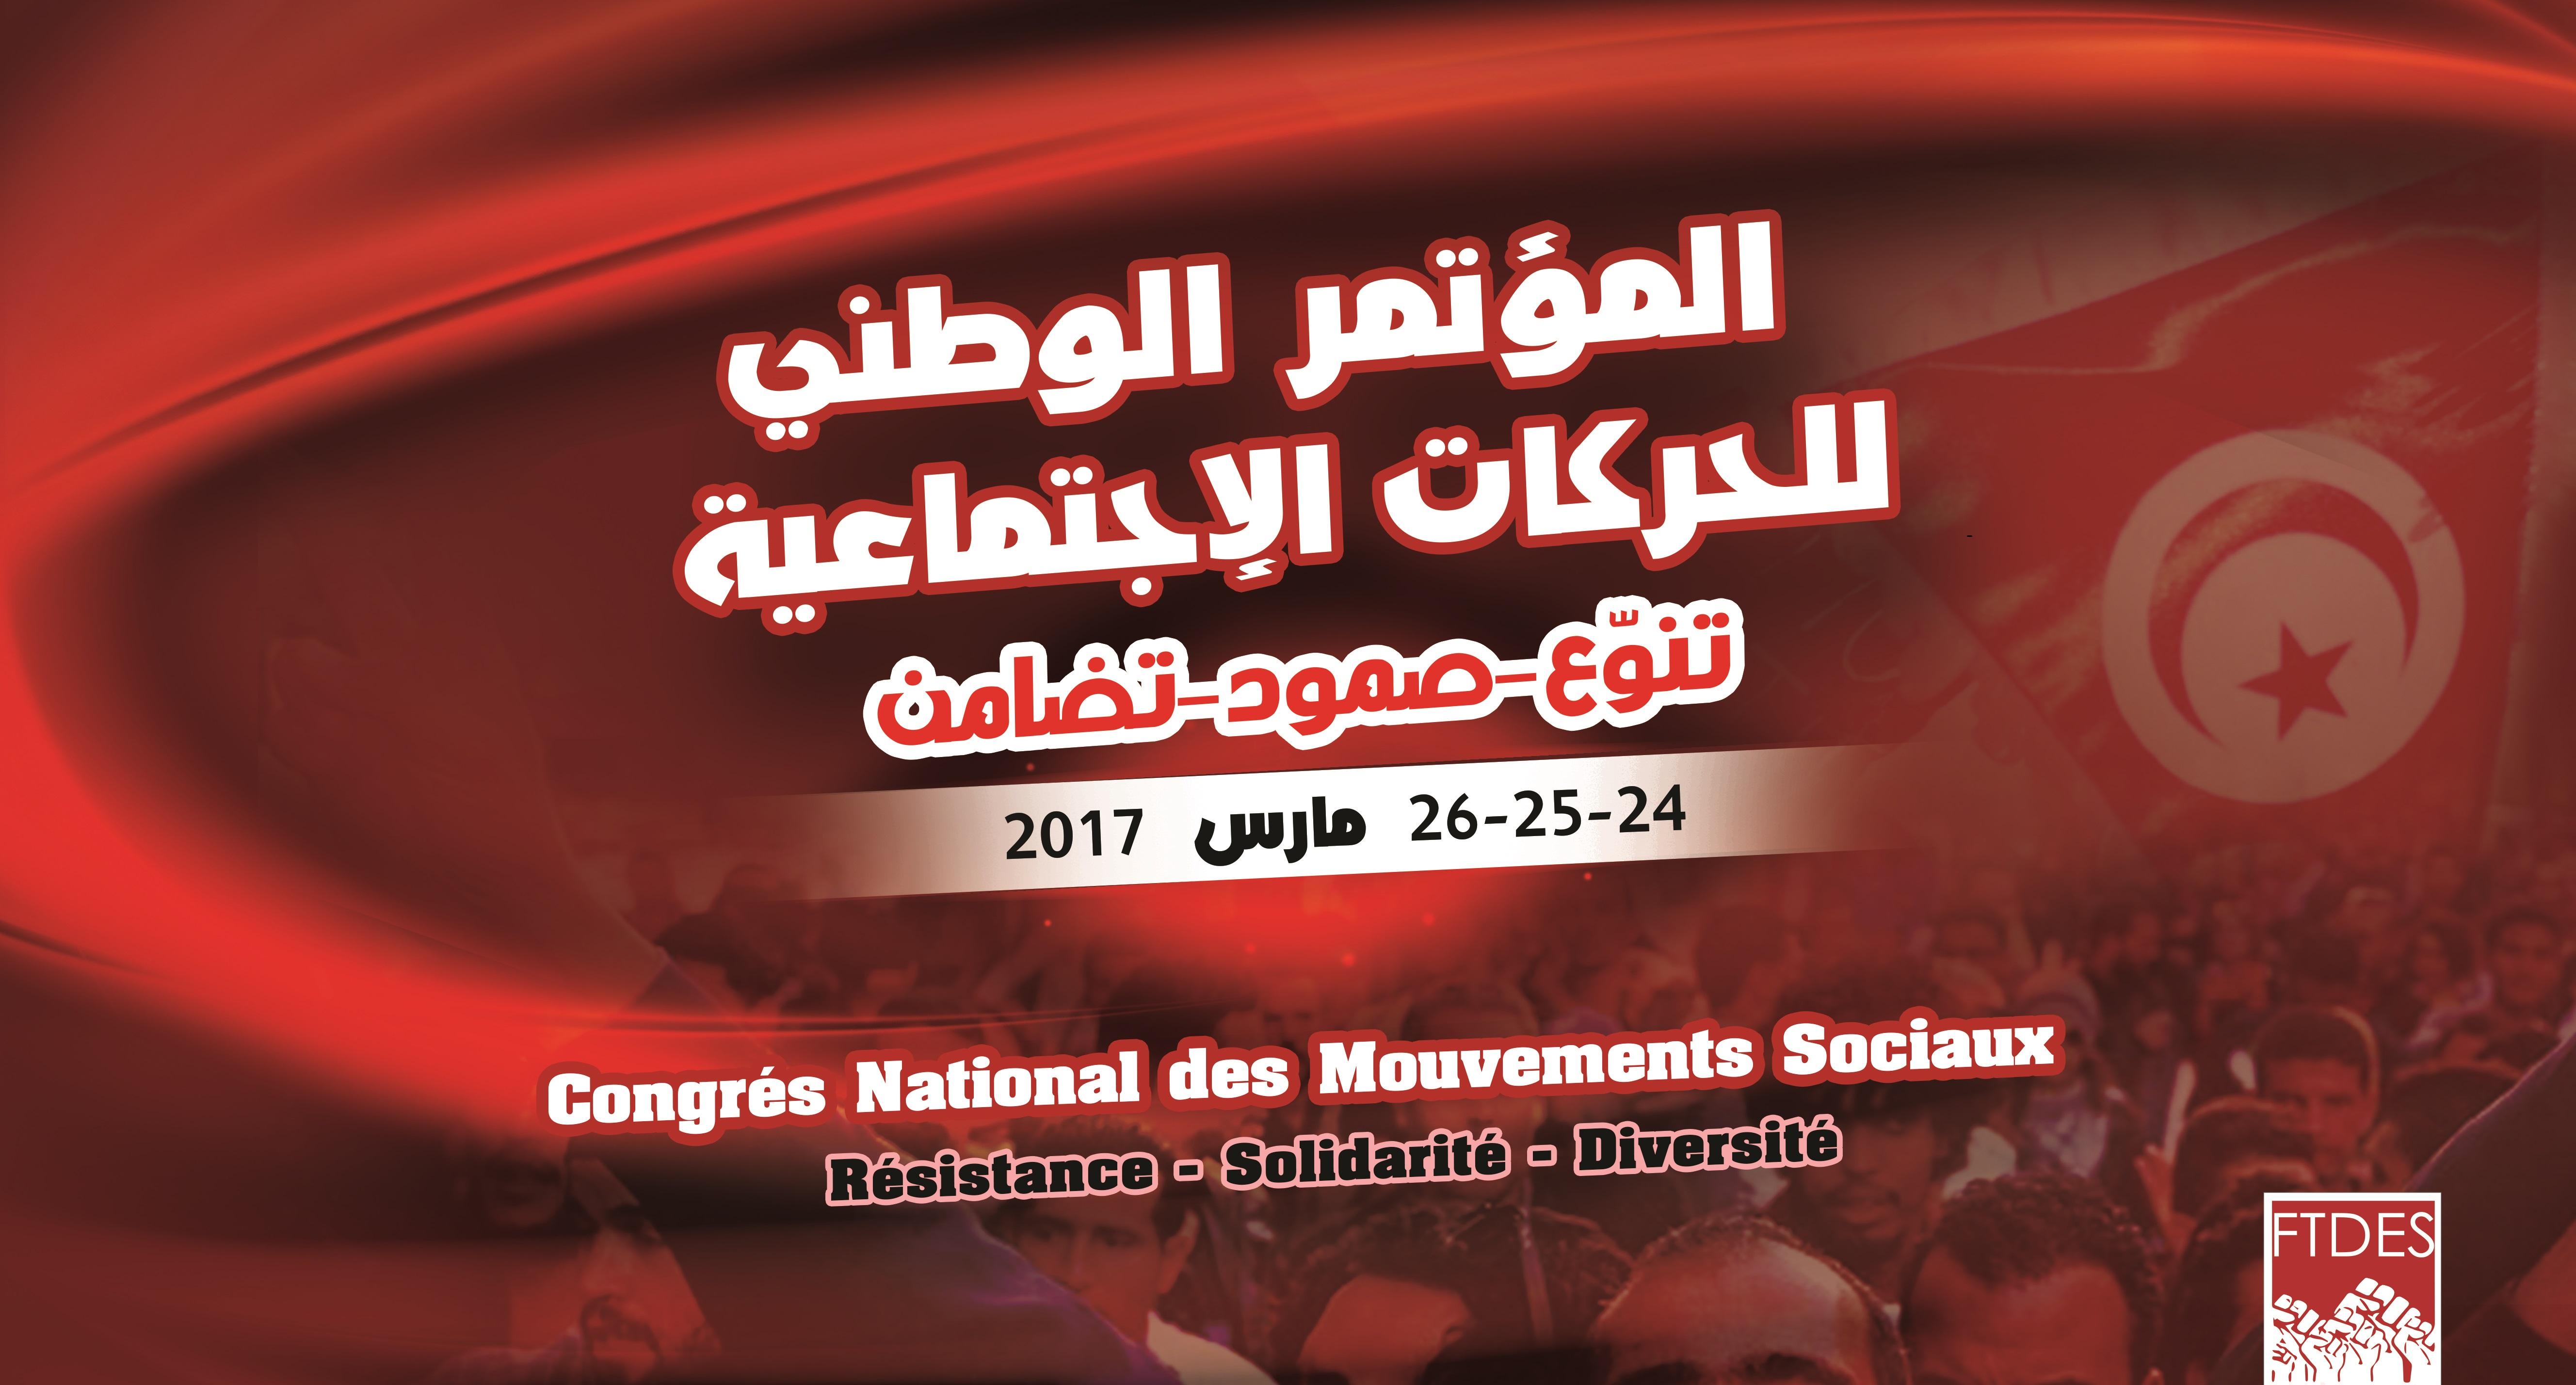 En Tunisie, les mouvements sociaux cherchent à s'unifier